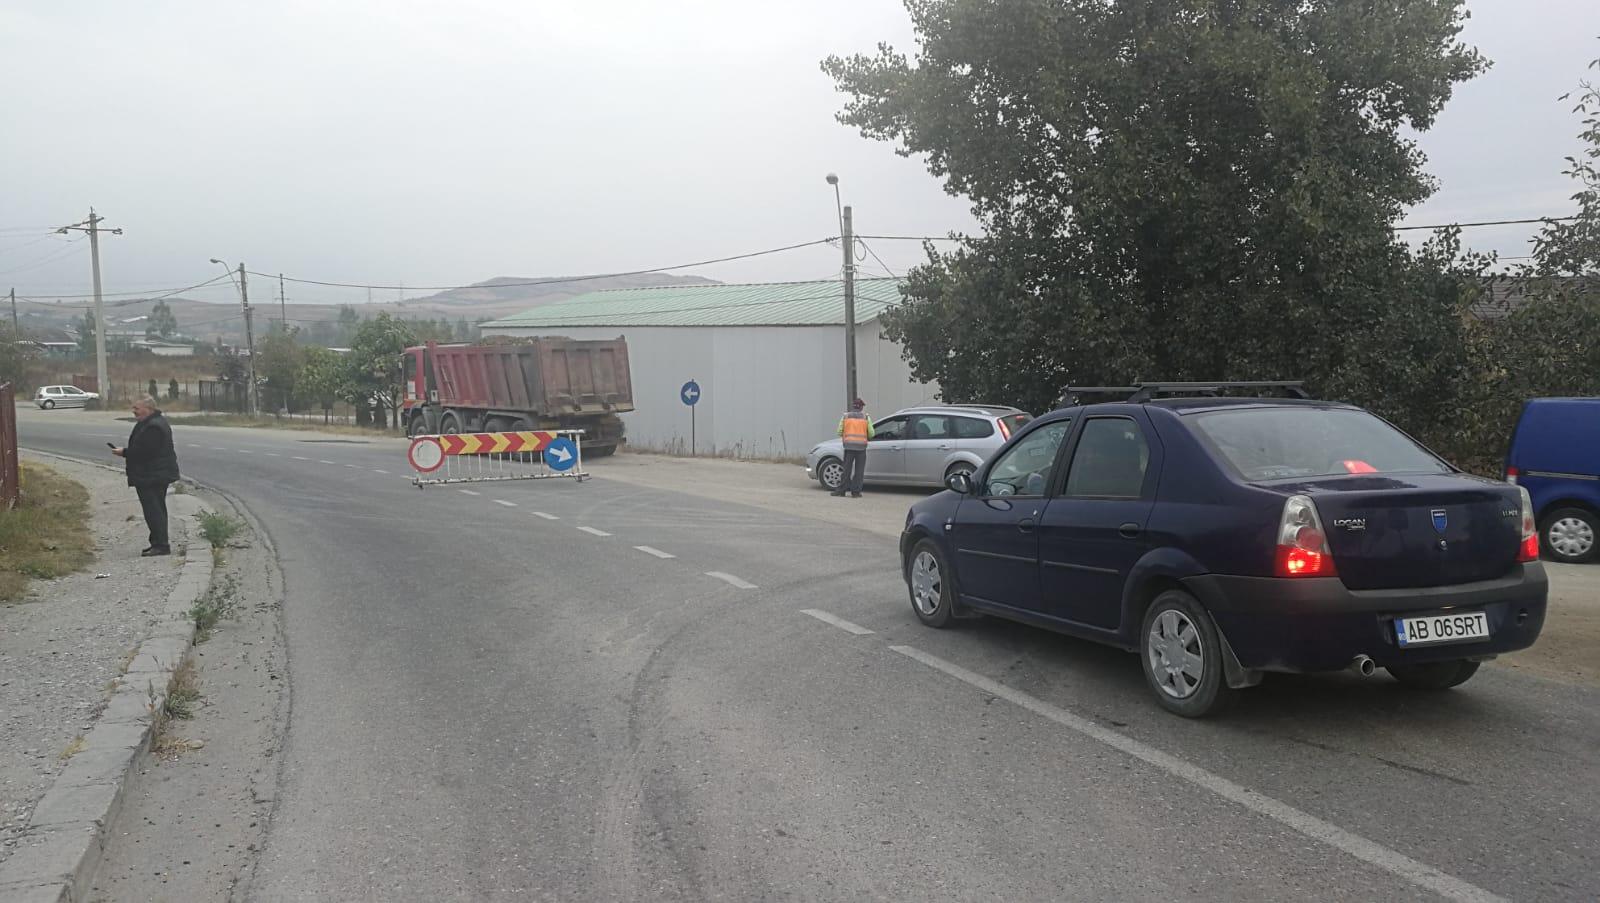 Atenție șoferi! Drumul principal de intrare/ieșire din orașul Ocna Mureș deviat din cauza lucrărilor la Halta Unirea!